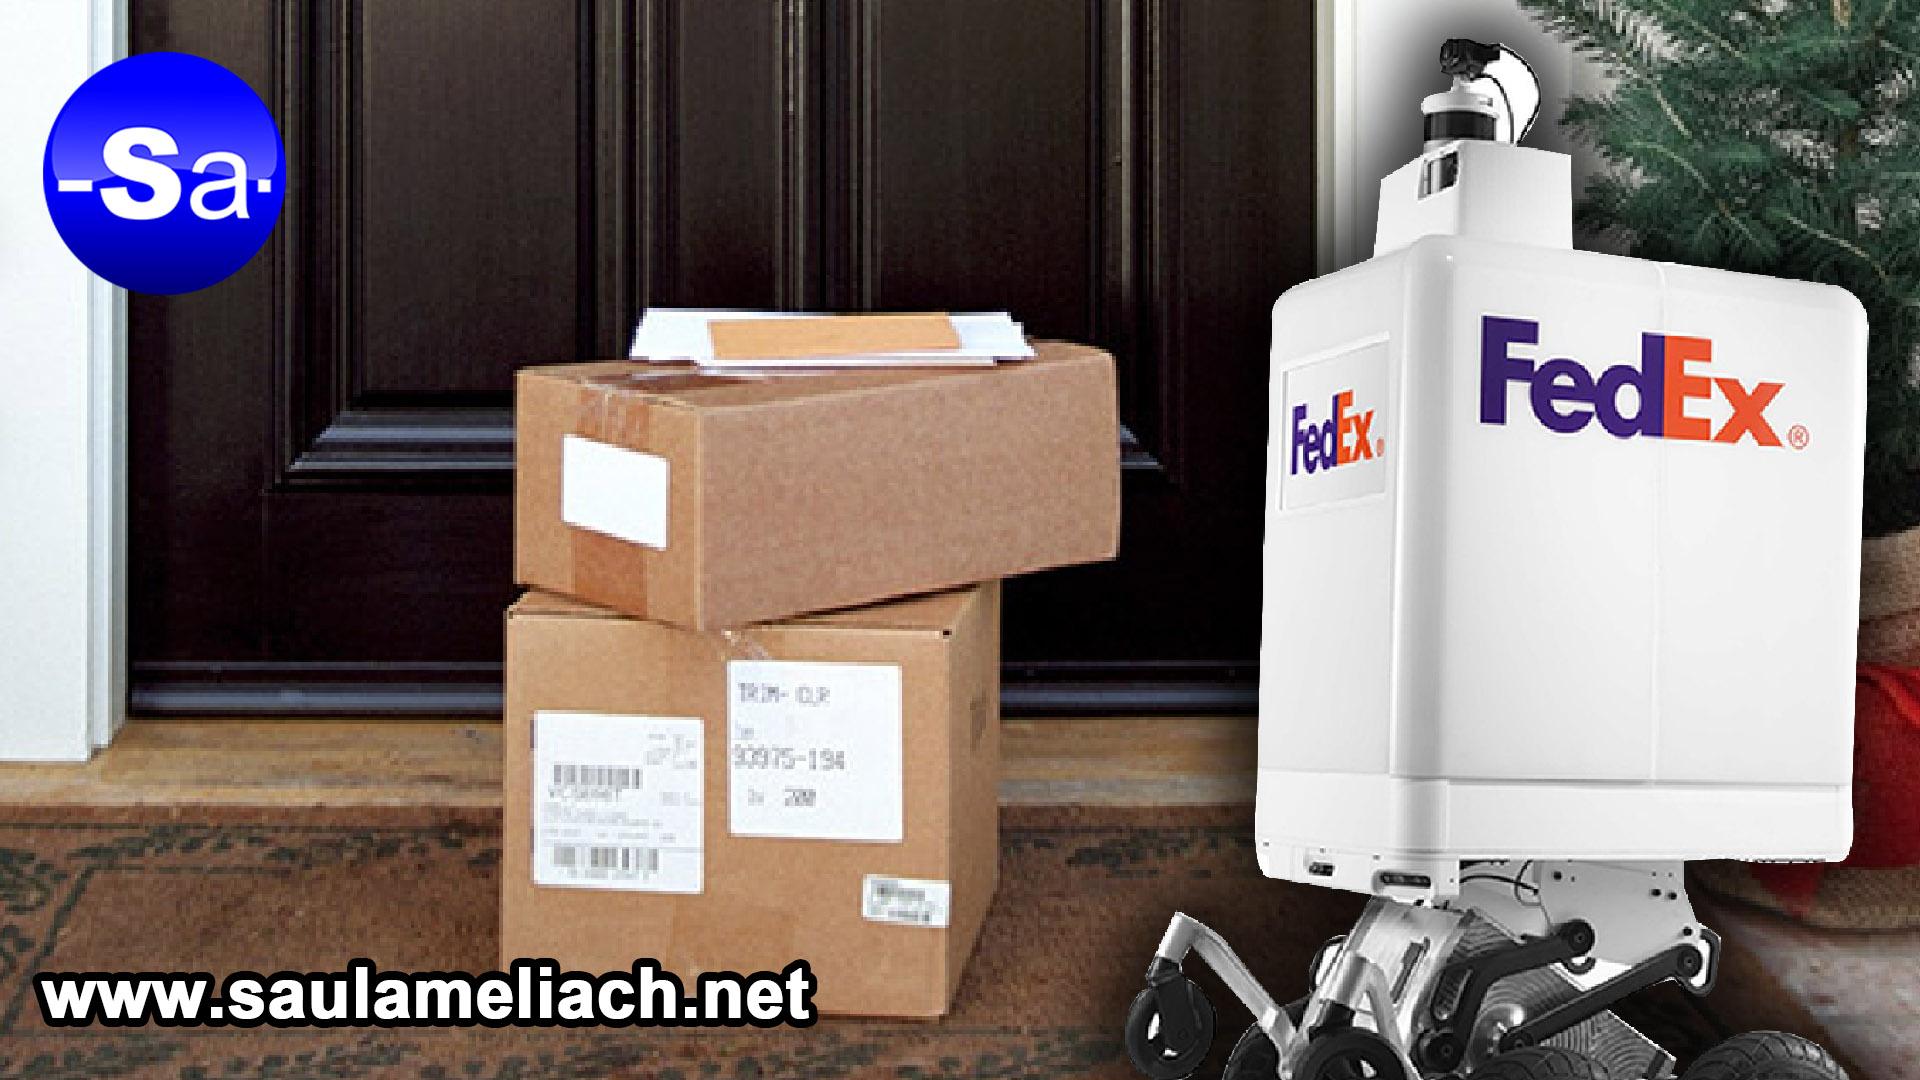 saul-ameliach-especialista-en-nuevos-desarrollos-saulameliach--fedex-implementara-robots-para-entregas-a-domicilio-2-fedex-tuvo-su-primer-encuentro-con-la-ley-al-usar-sus-robots-en-new-york-noticias